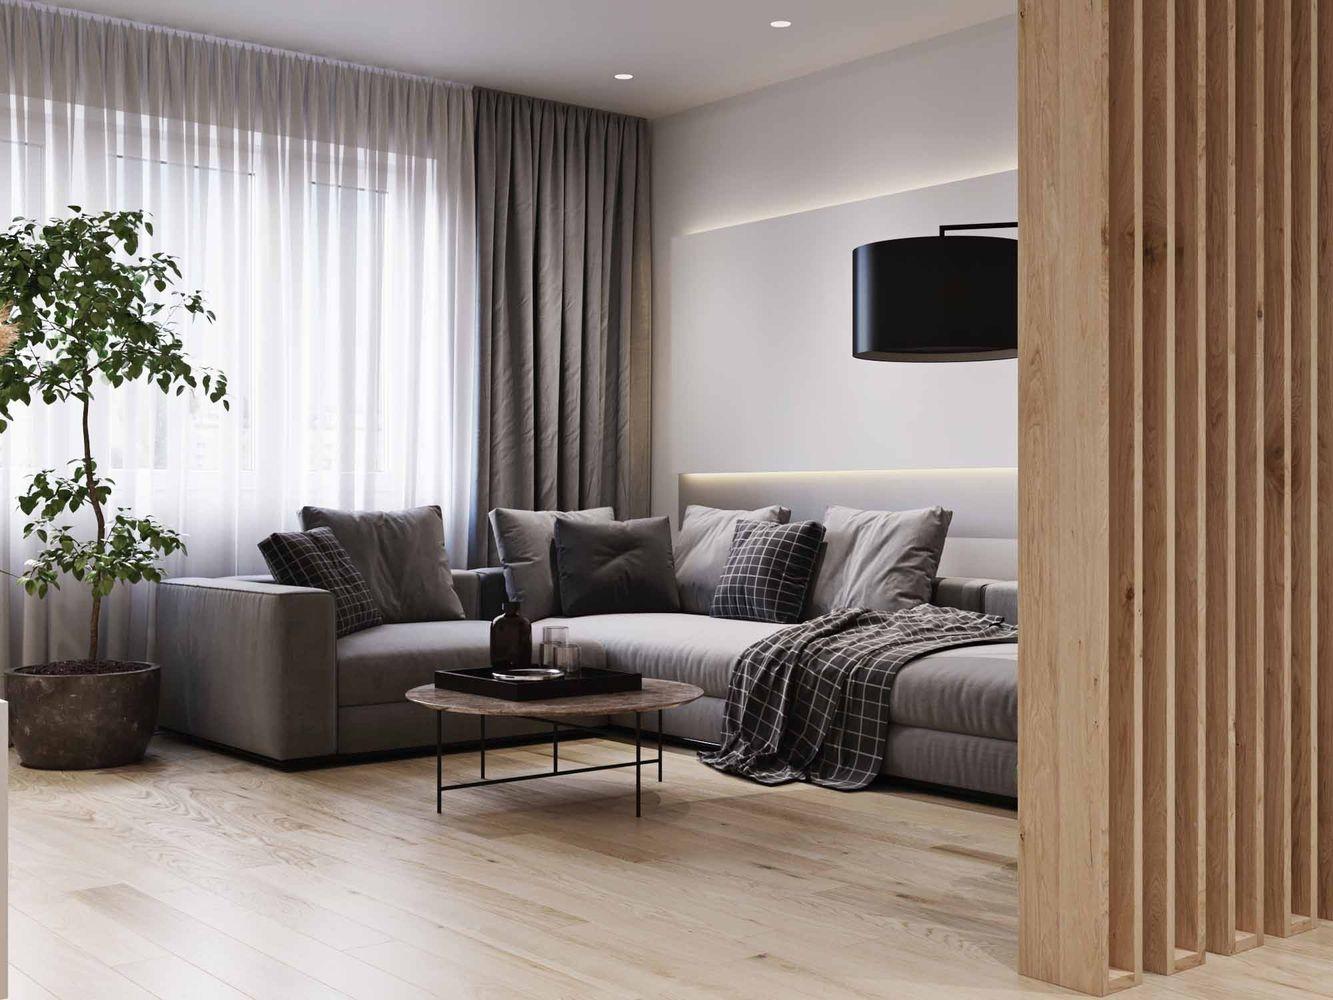 Дизайн интерьера квартиры 98 м2